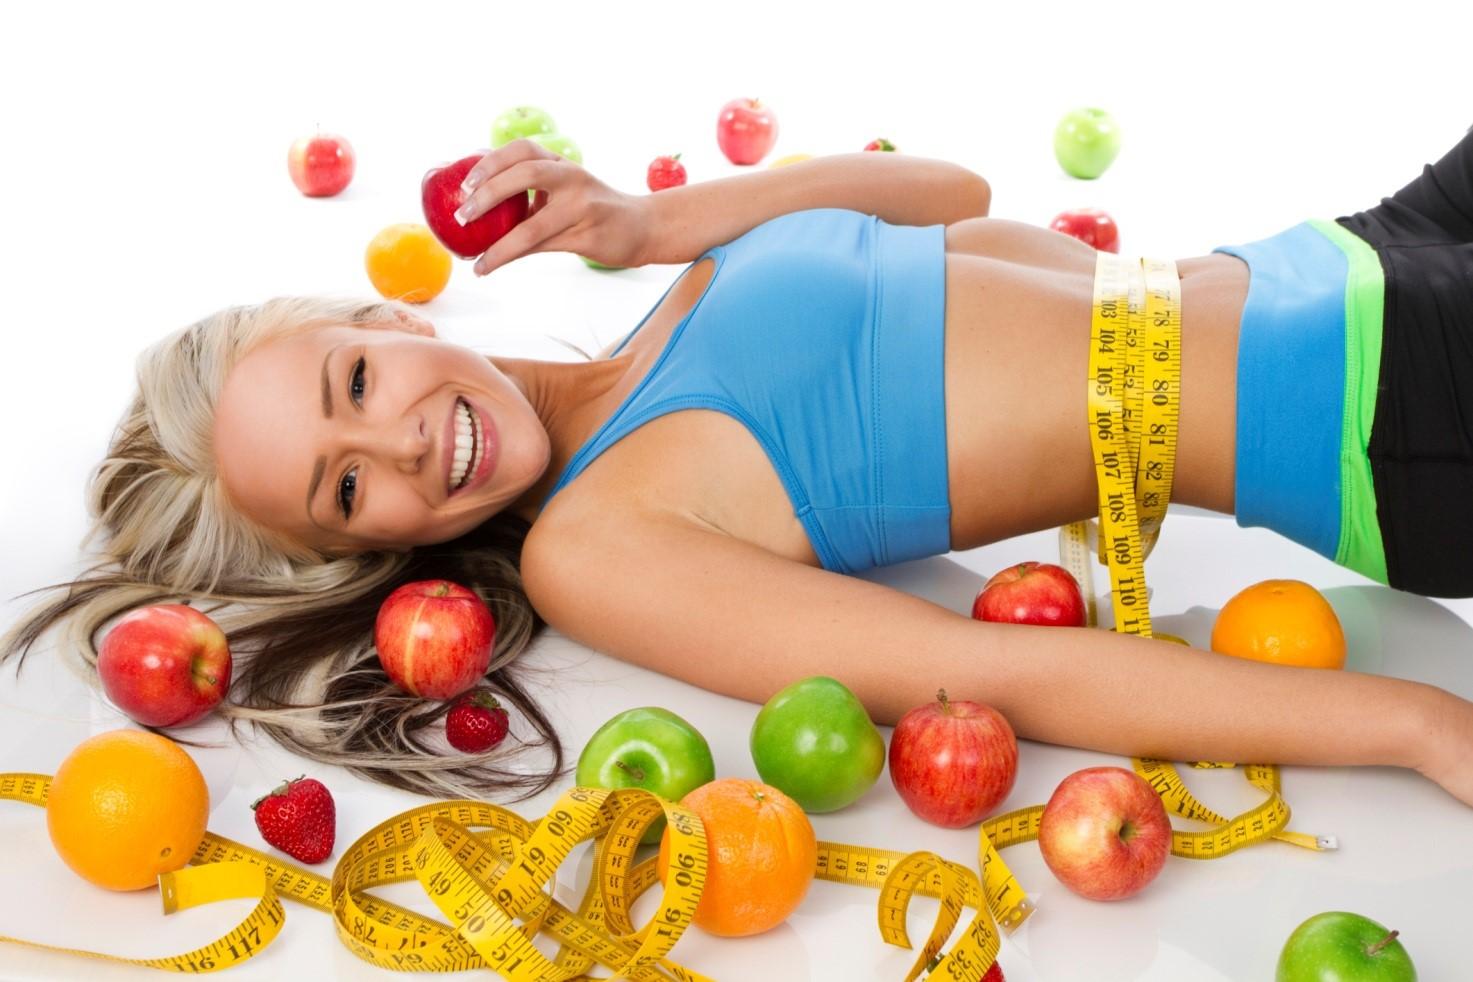 система питания худеем за неделю отзывы